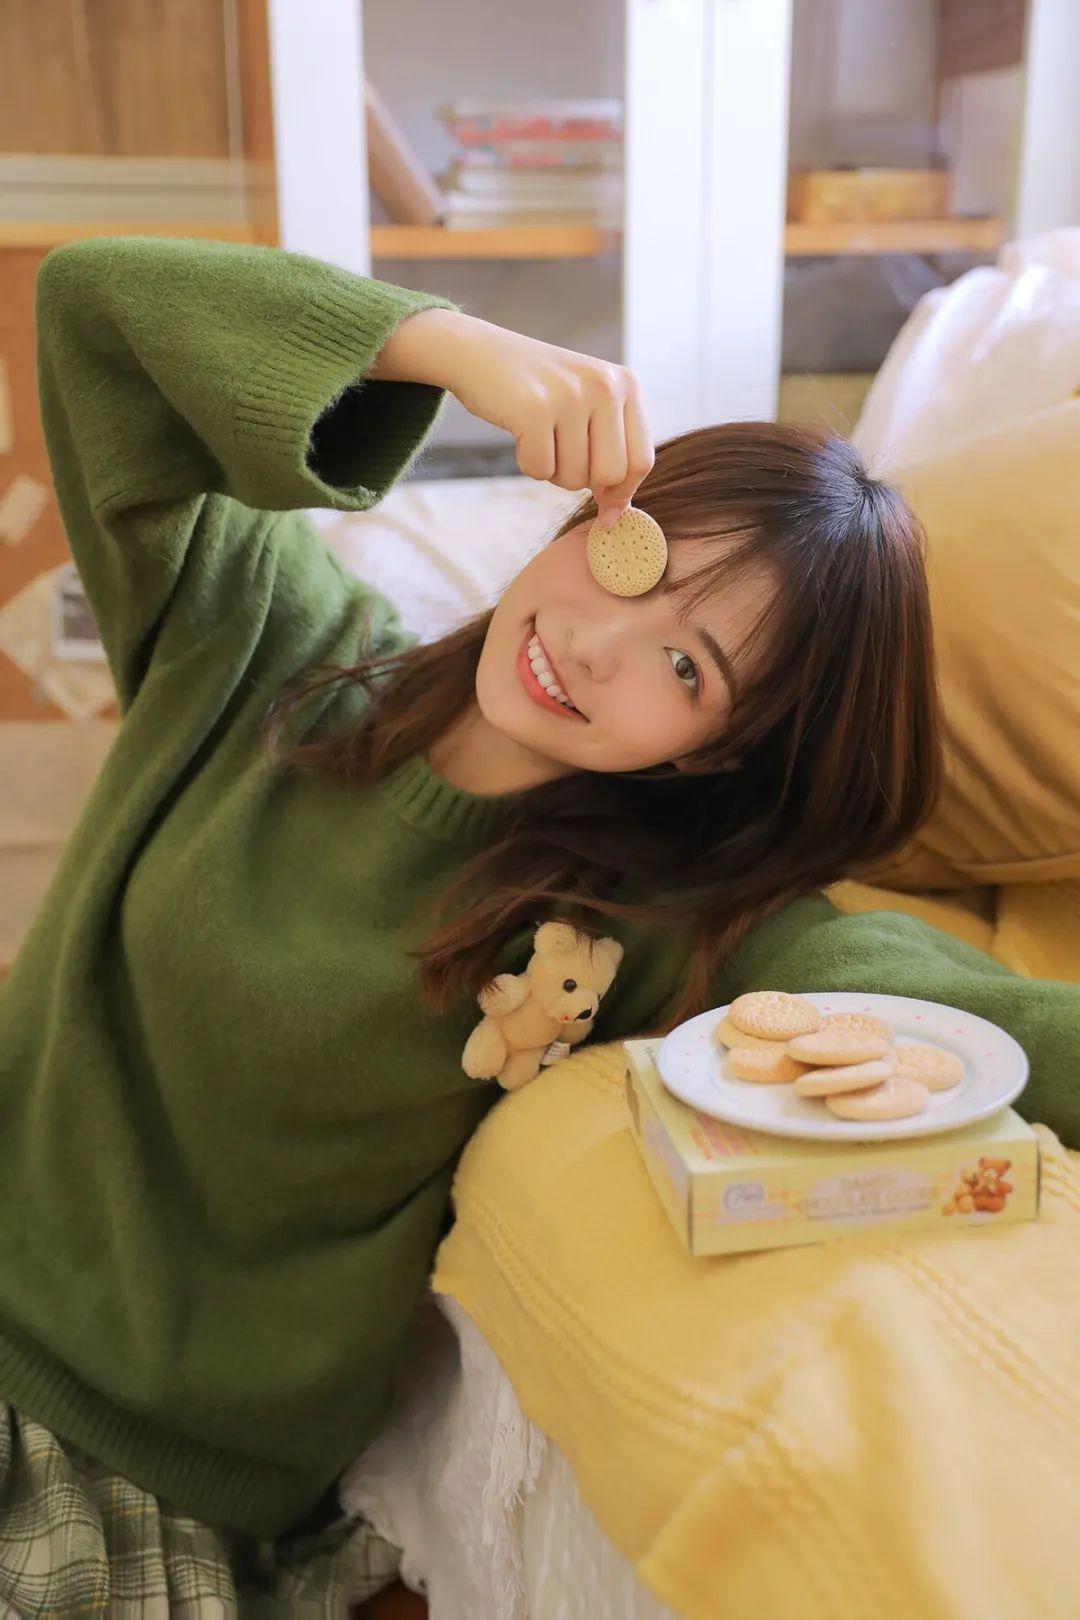 妹子摄影 – 甜美迷人短裙毛衣 美腿少女_图片 No.9